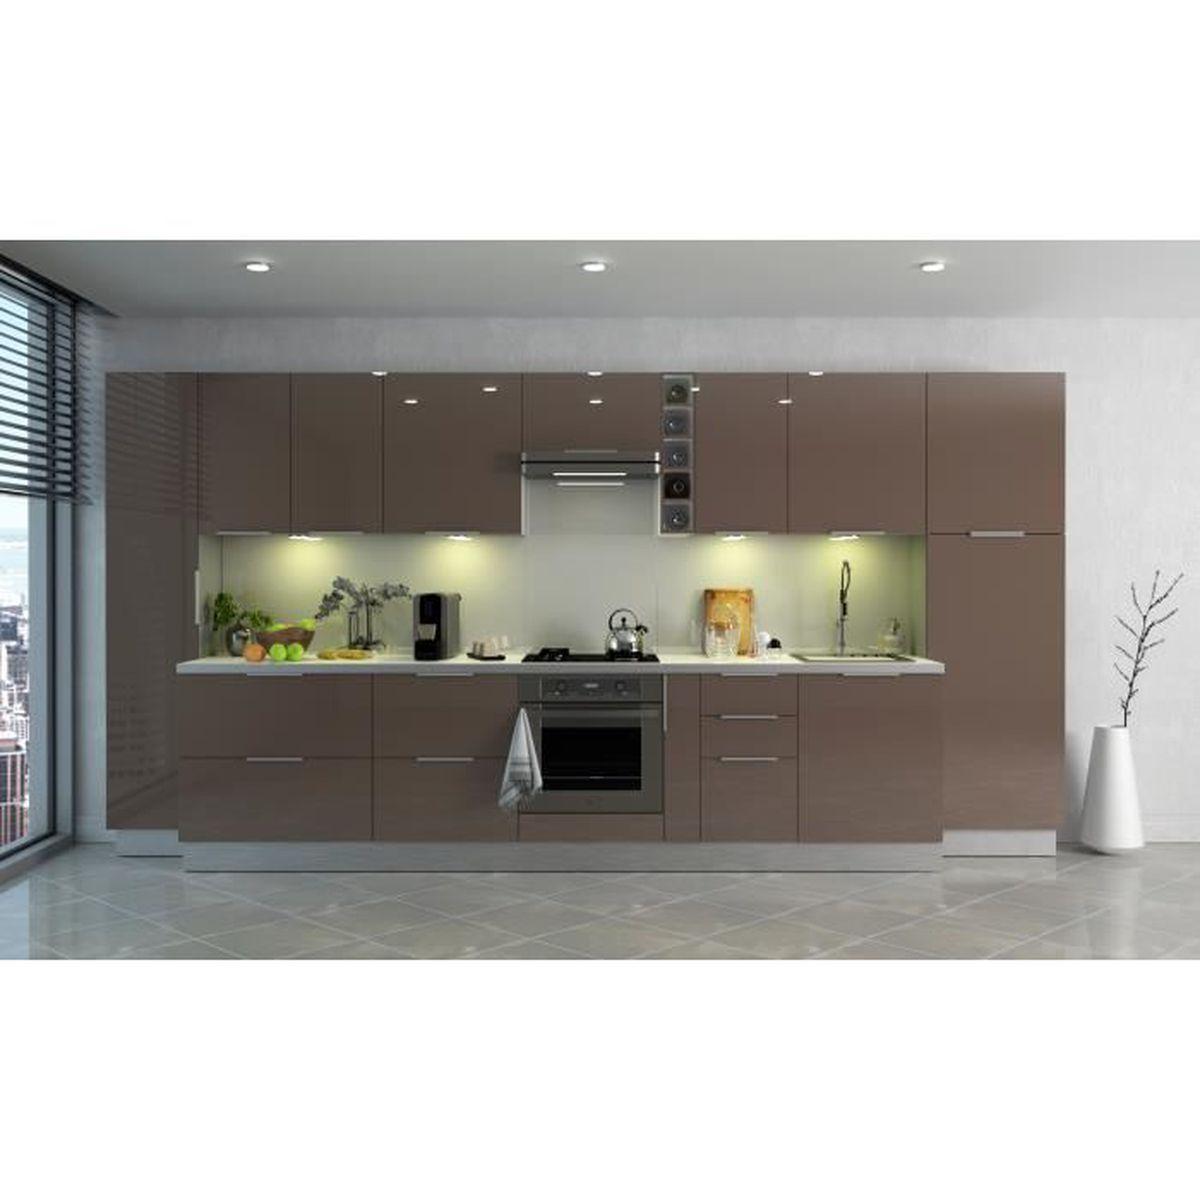 Meuble de cuisine haut 11 portes - 11cm - Taupe - Élément séparé